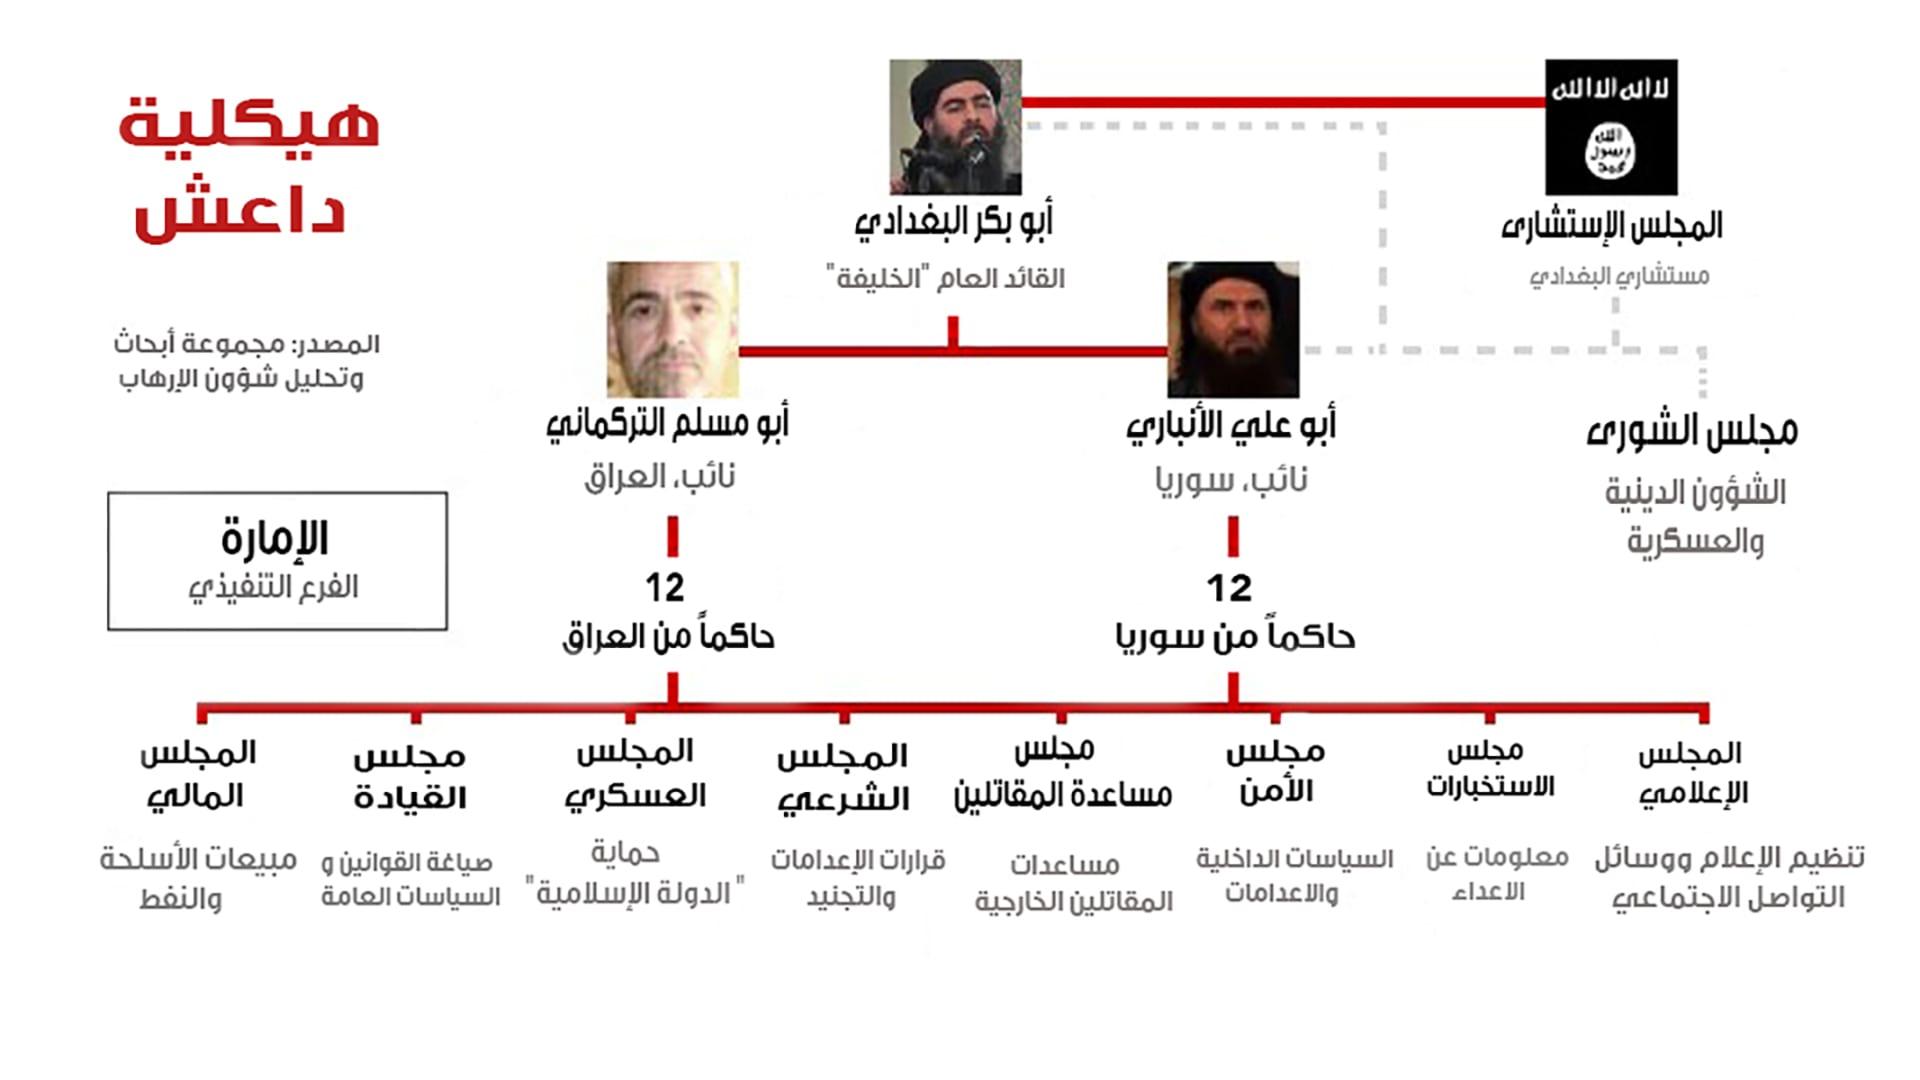 """بالصور.. هيكلية داعش.. كيف تدير """"دولتها الإسلامية"""" من ريع النفط إلى قطع الرؤوس؟"""